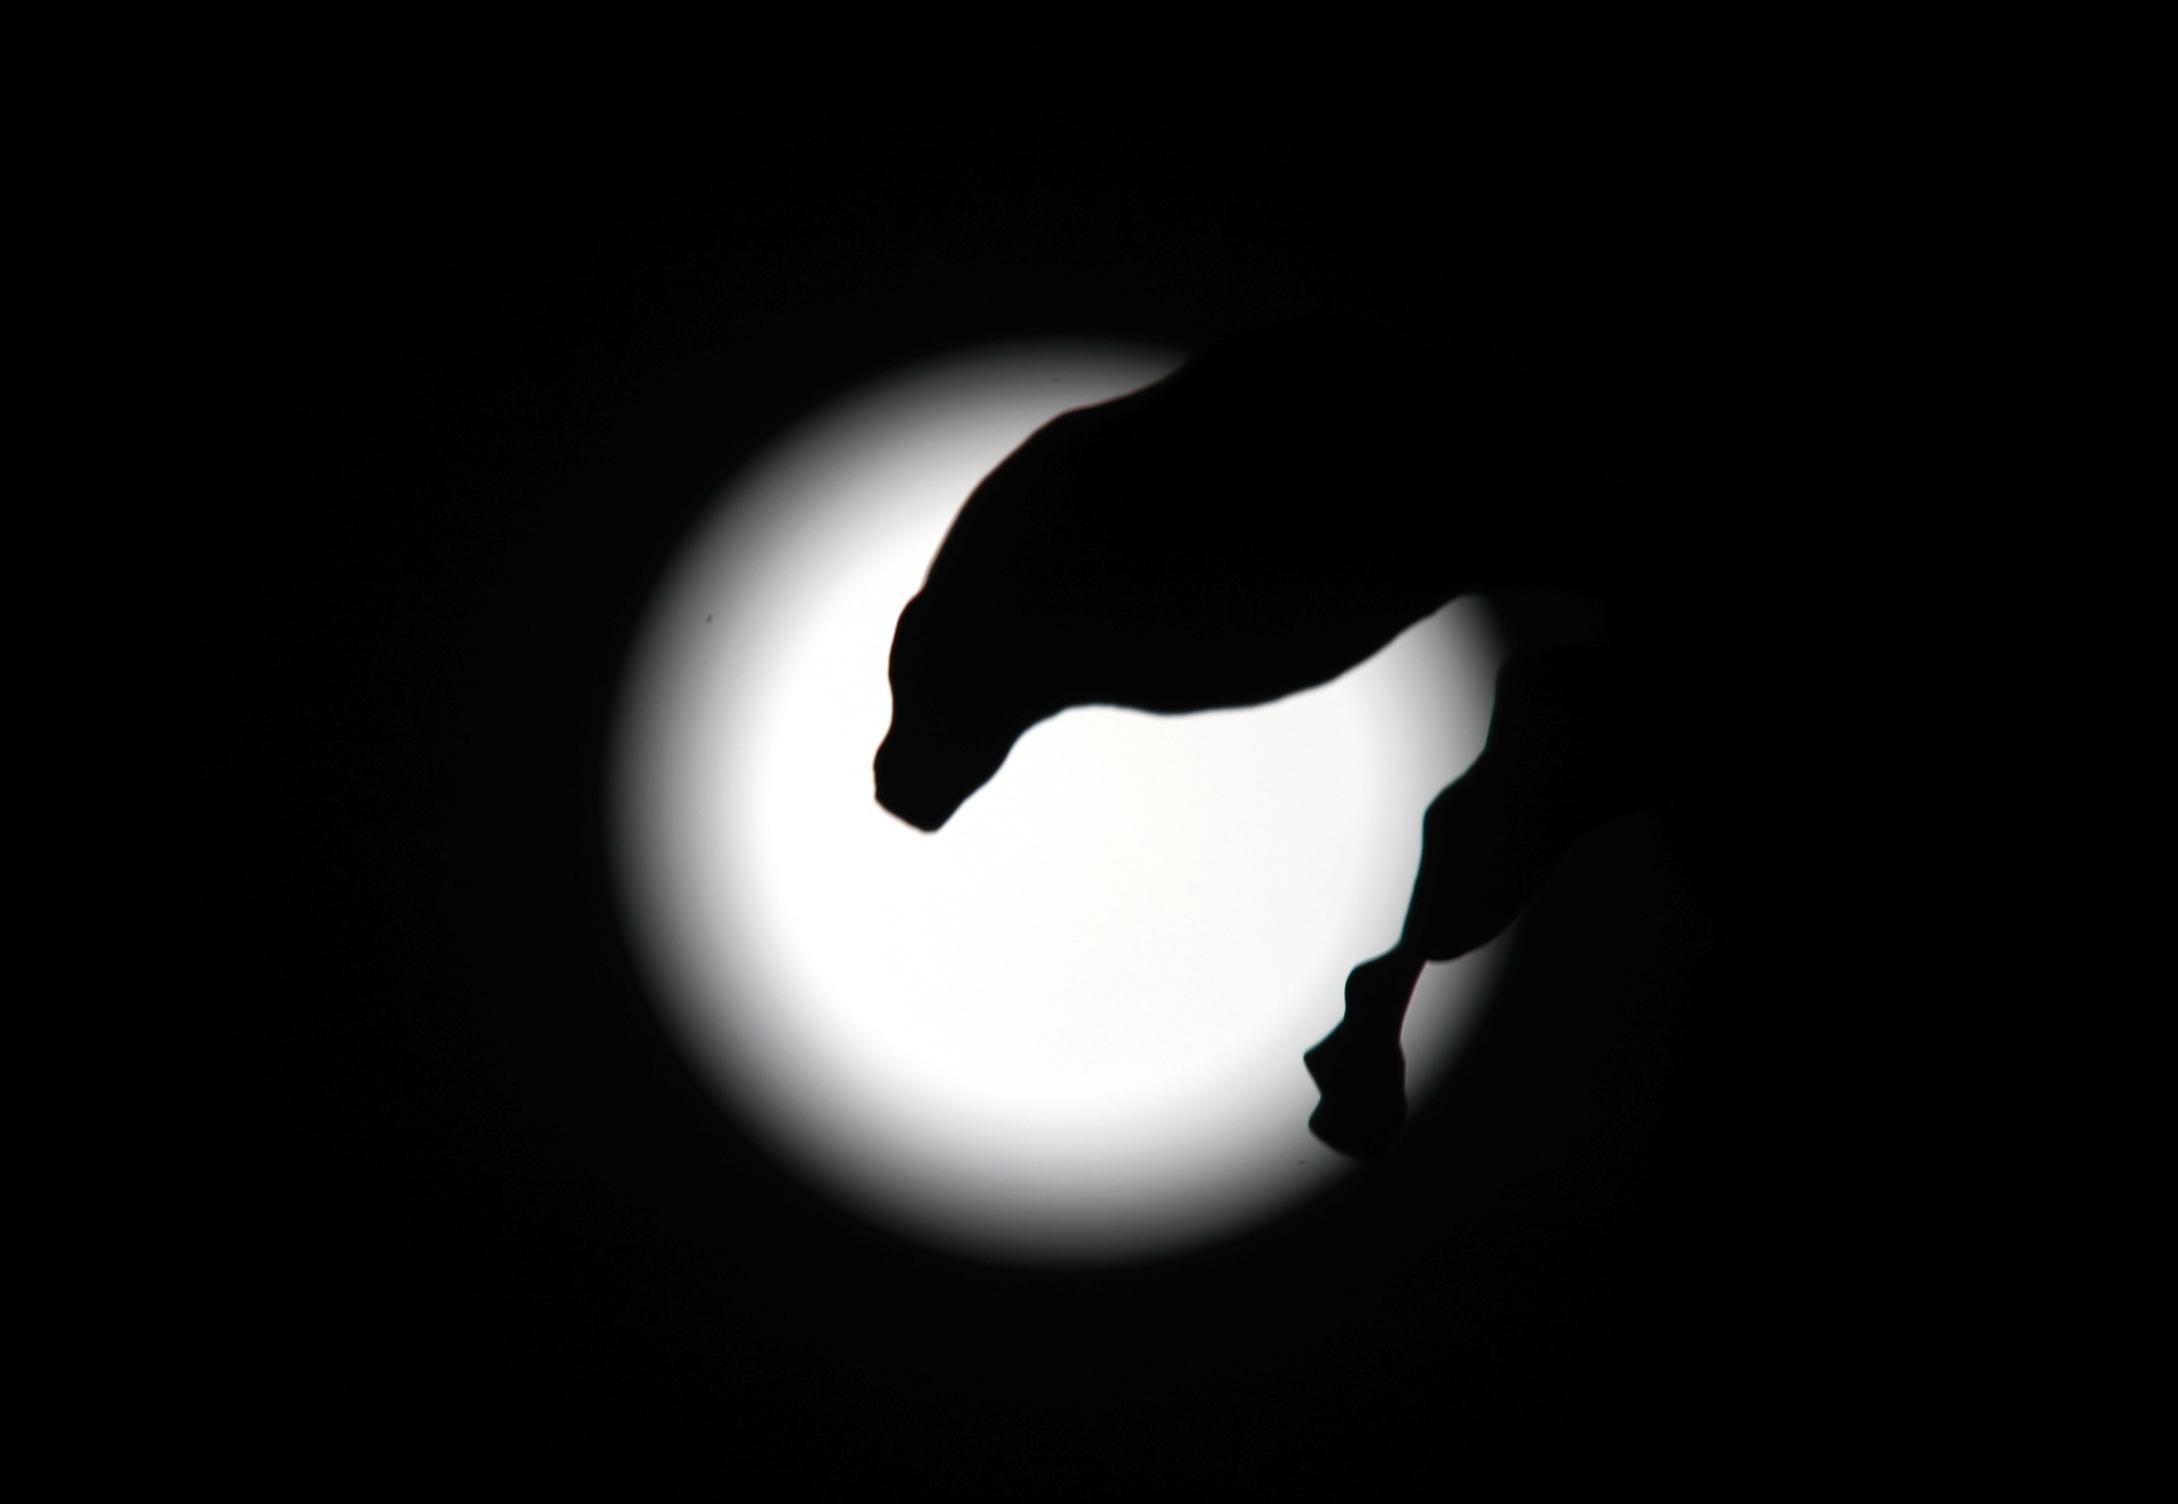 中午的超级红月亮,晚上的超级圆月亮,郑州高清实拍图来了!